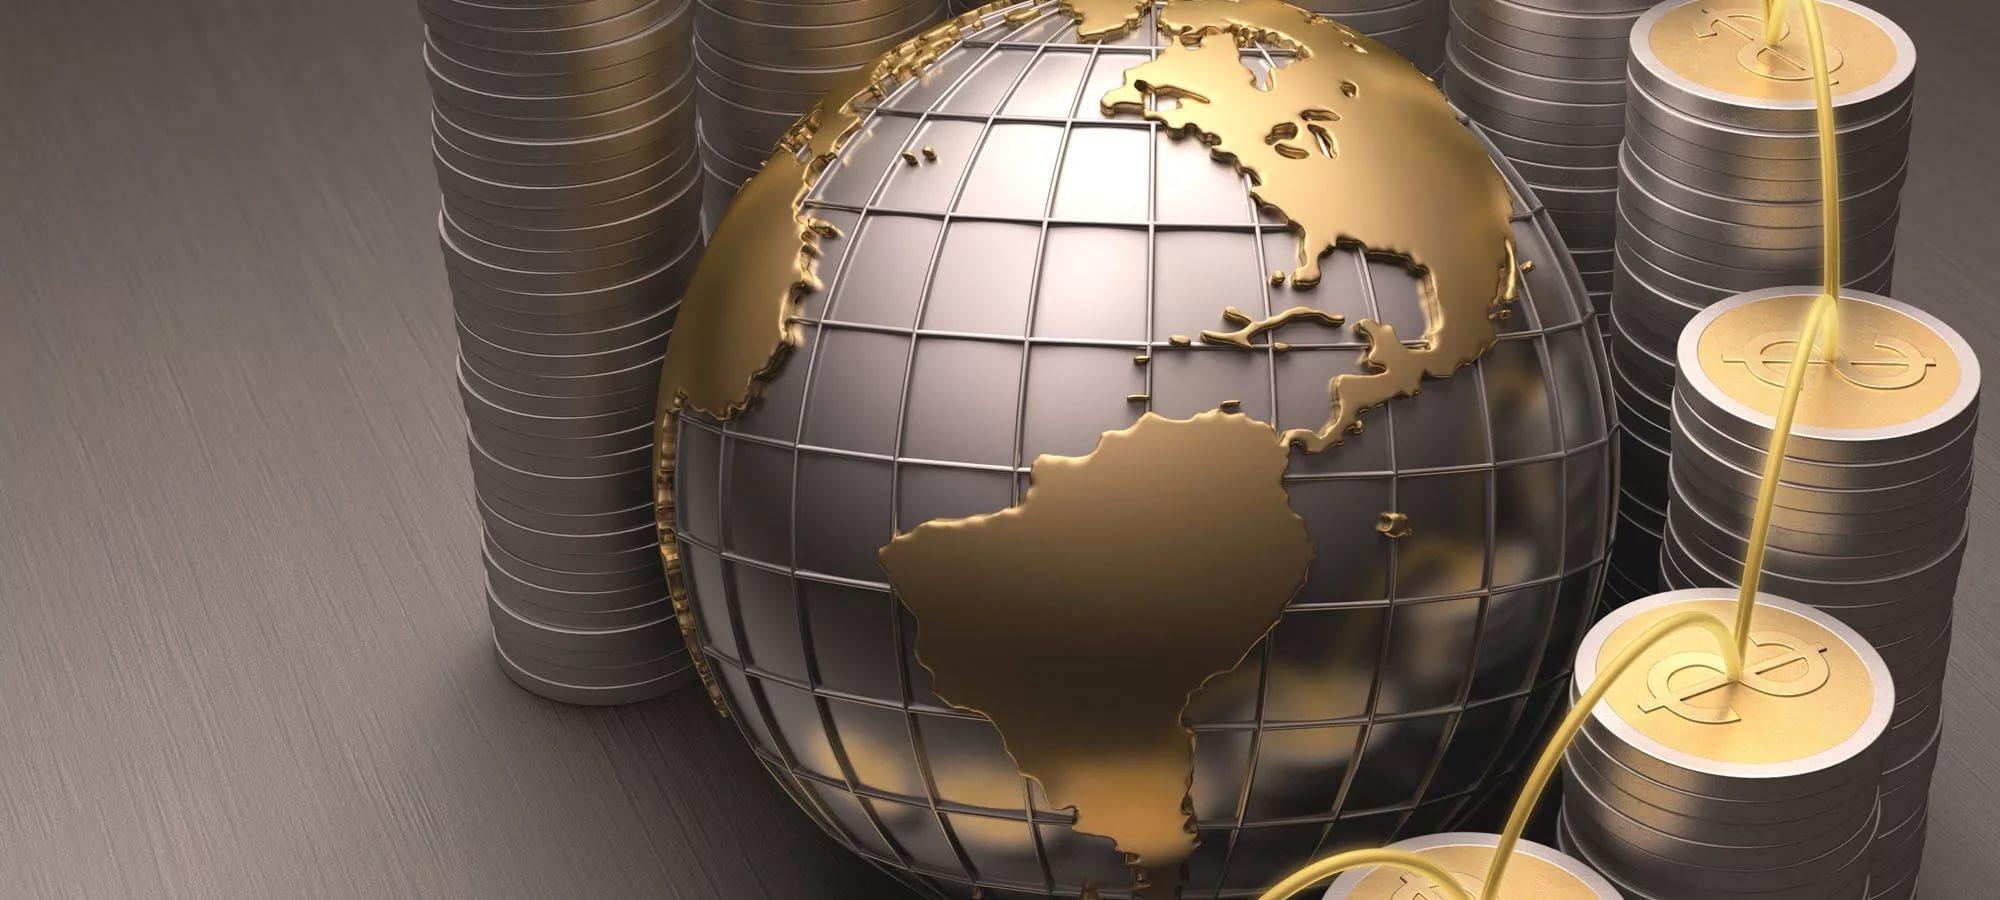 основа картинки мировое хозяйство и международная торговля зовут